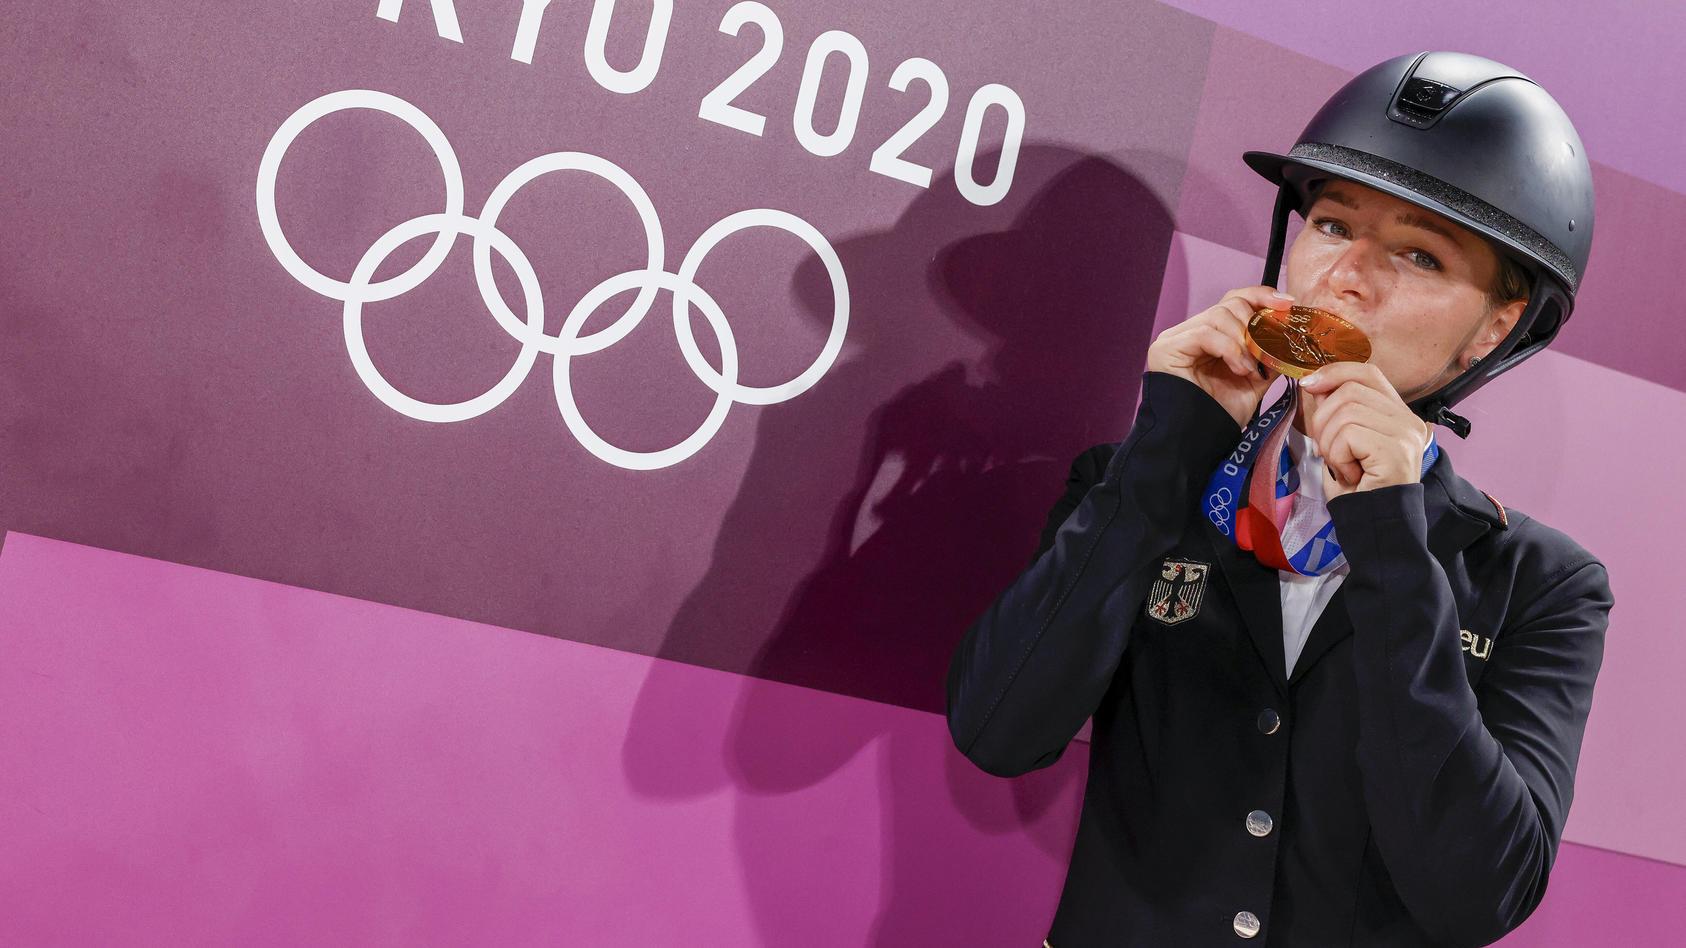 Julia Krajewski küsst die Gold-Medaille.